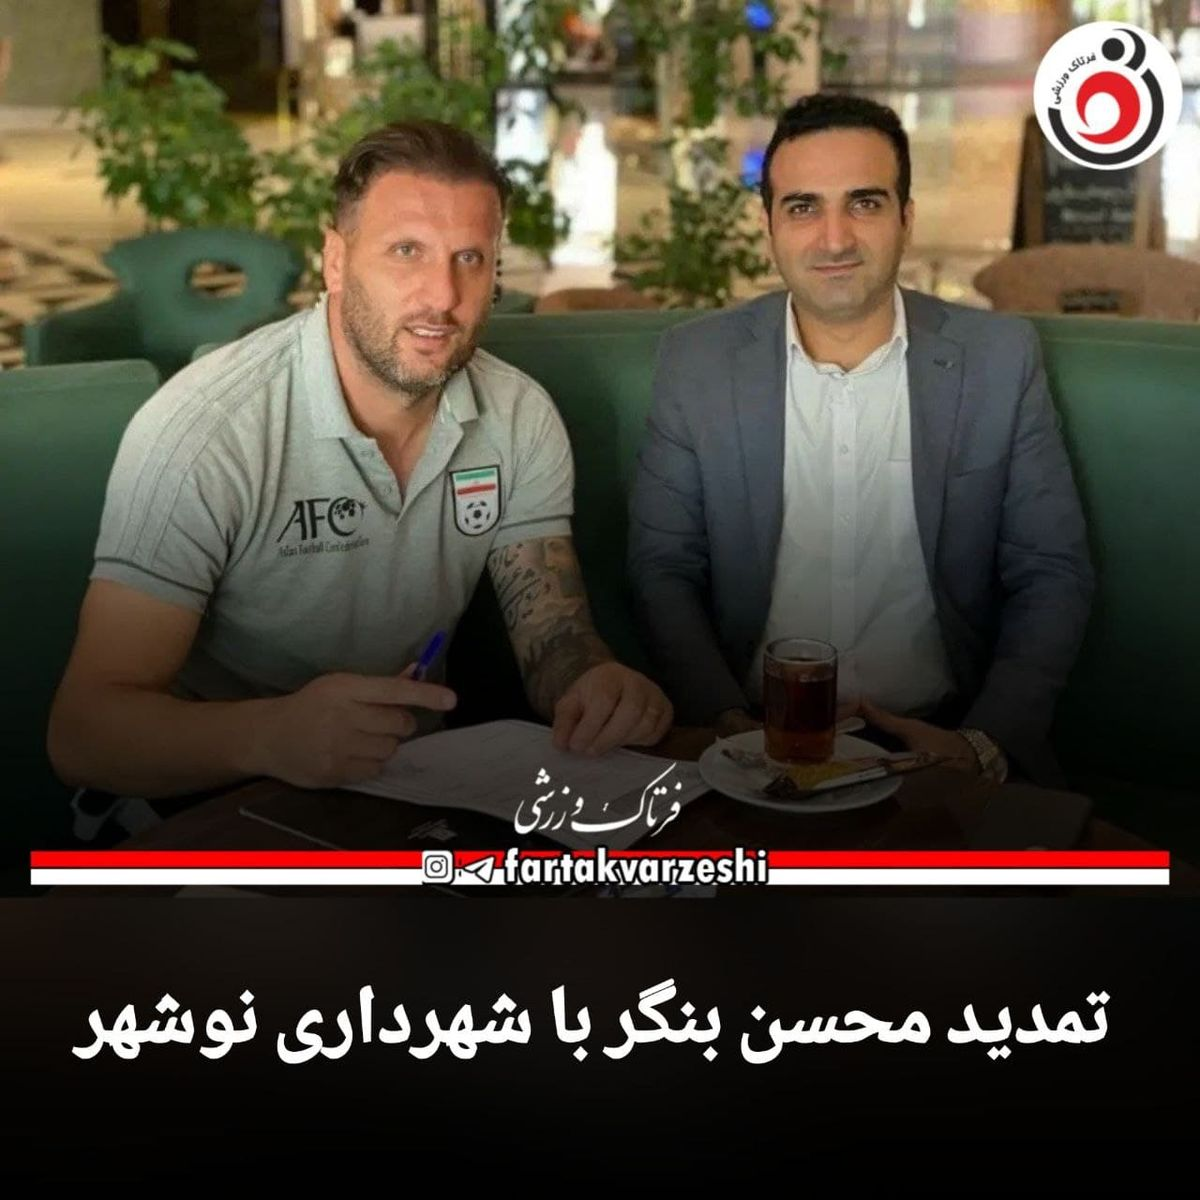 تمدید محسن بنگر با شهرداری نوشهر